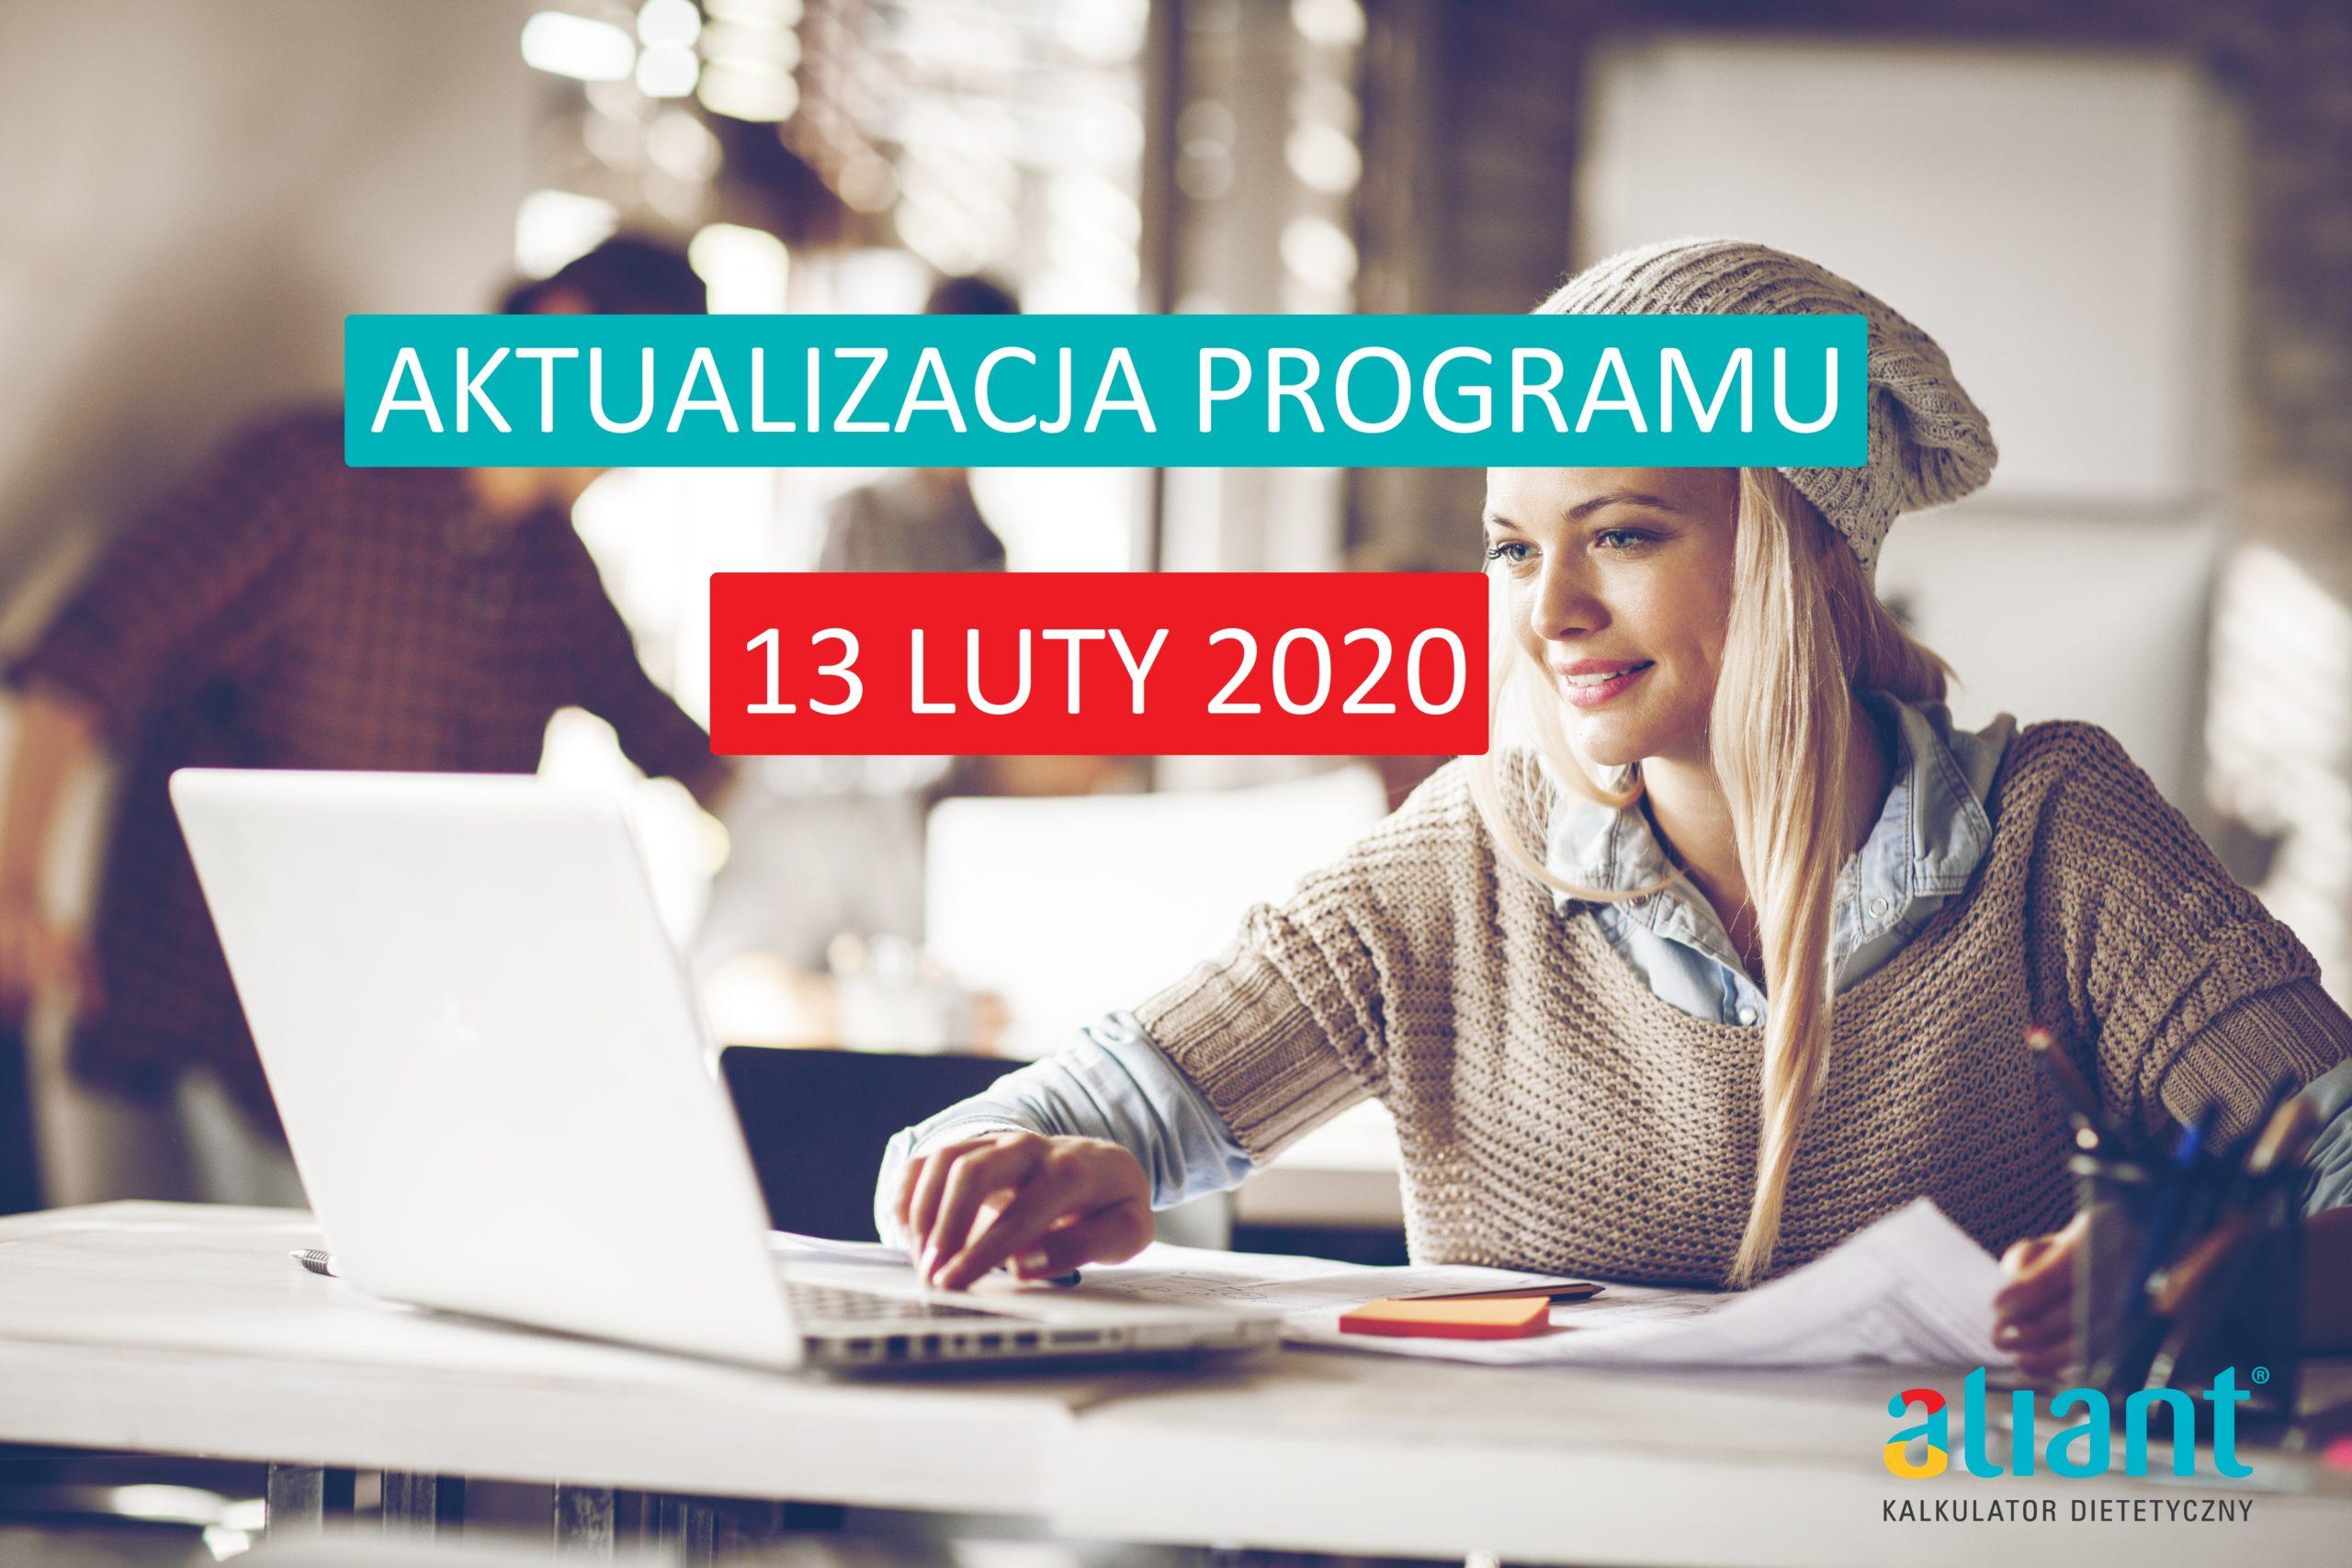 Aktualizacja programu Aliant – 13.02.2020